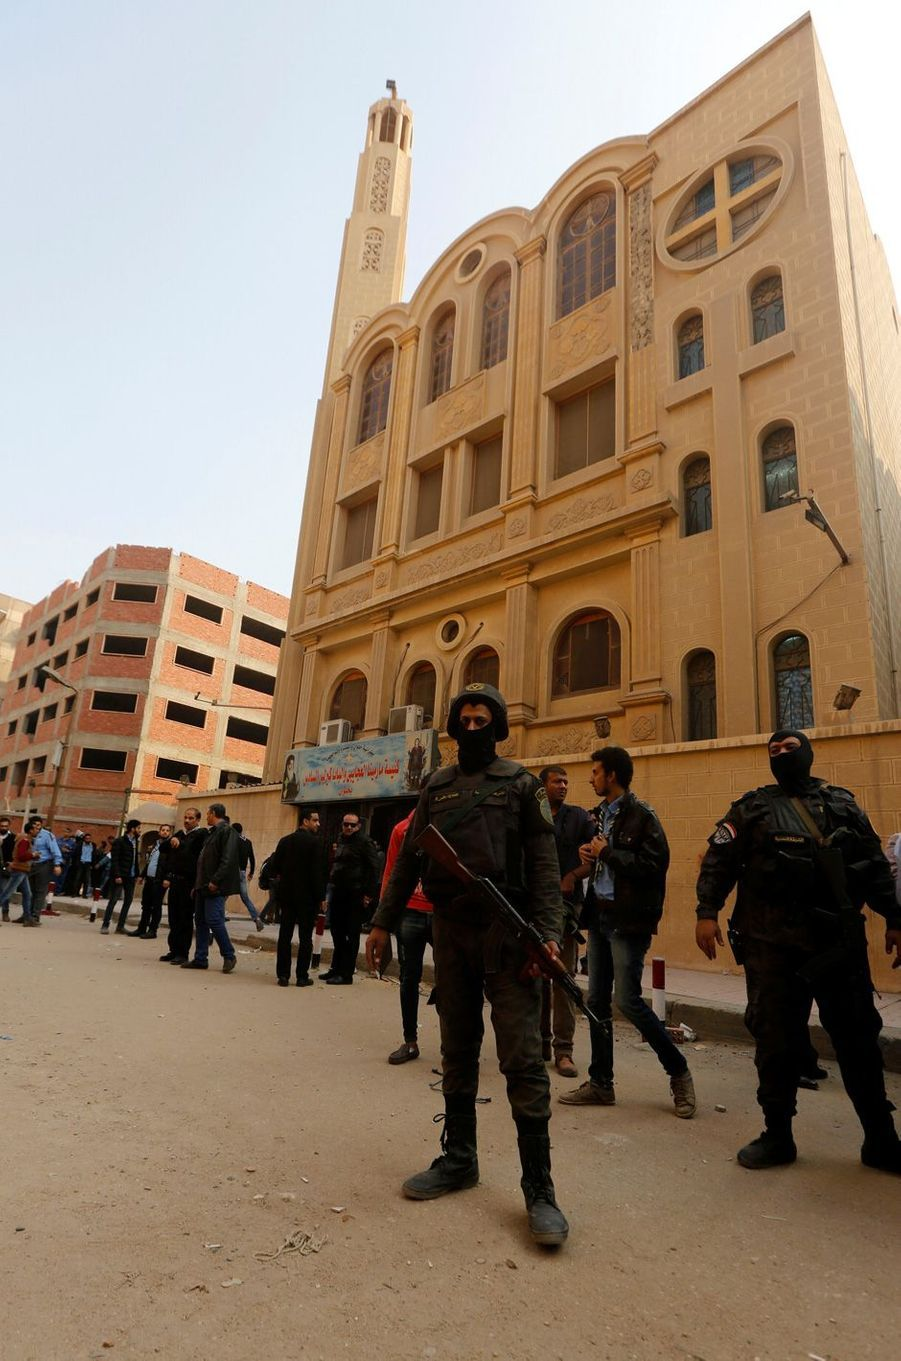 Une attaque contre une église a fait 10 morts dans le sud du Caire, le 29 décembre 2017.